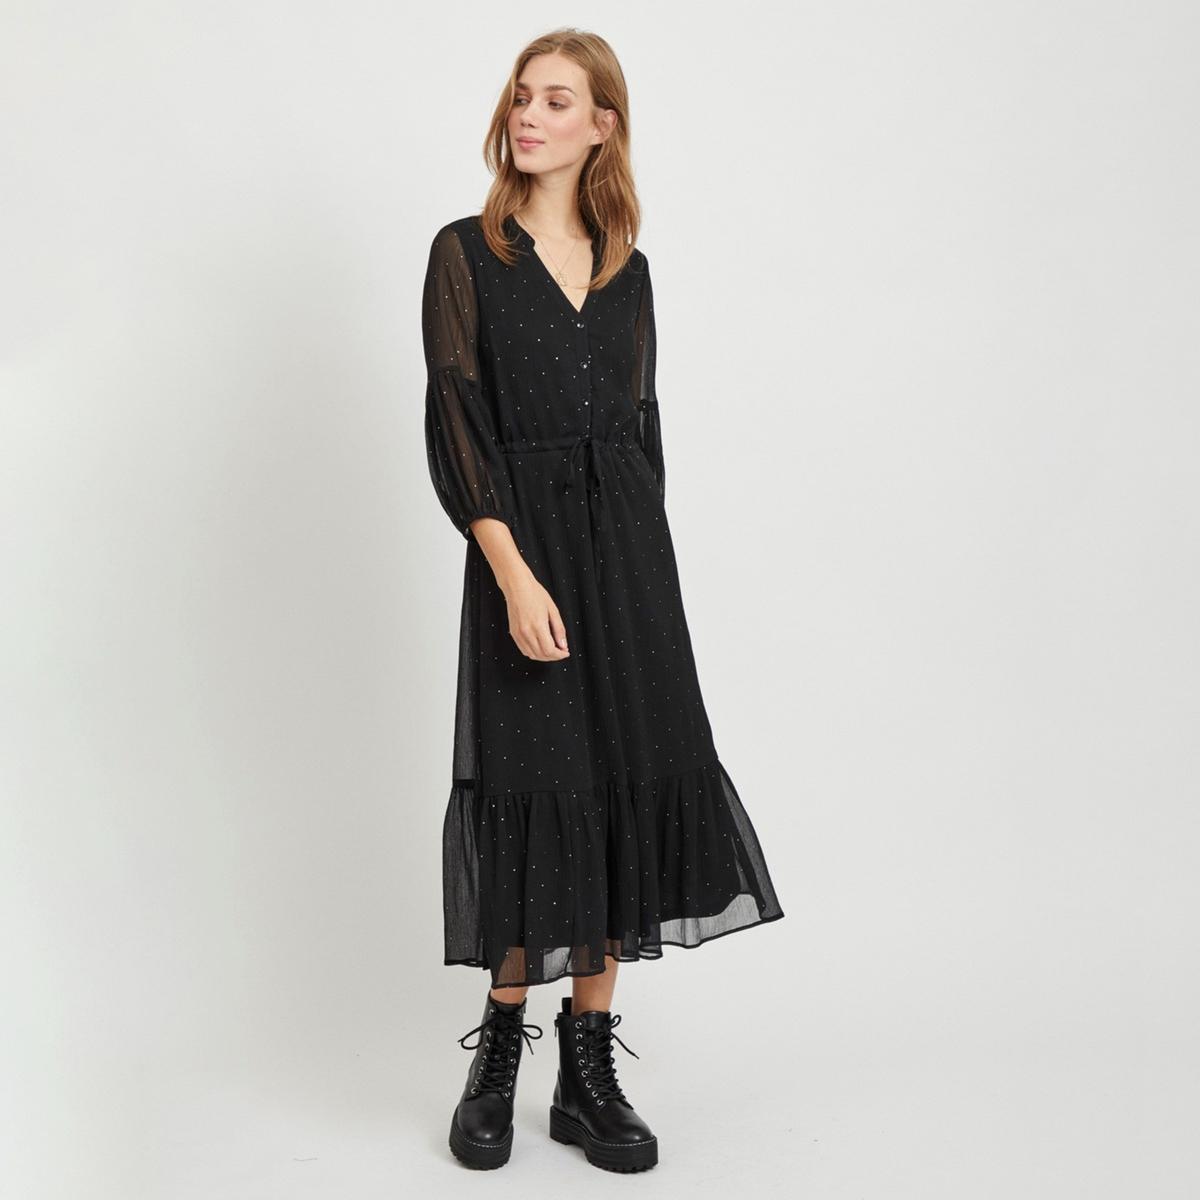 Платье La Redoute Длинное с круглым вырезом с разрезом спереди и рисунком в горошек 34 (FR) - 40 (RUS) черный платье la redoute длинное с цветочным рисунком и напускным эффектом 34 fr 40 rus черный